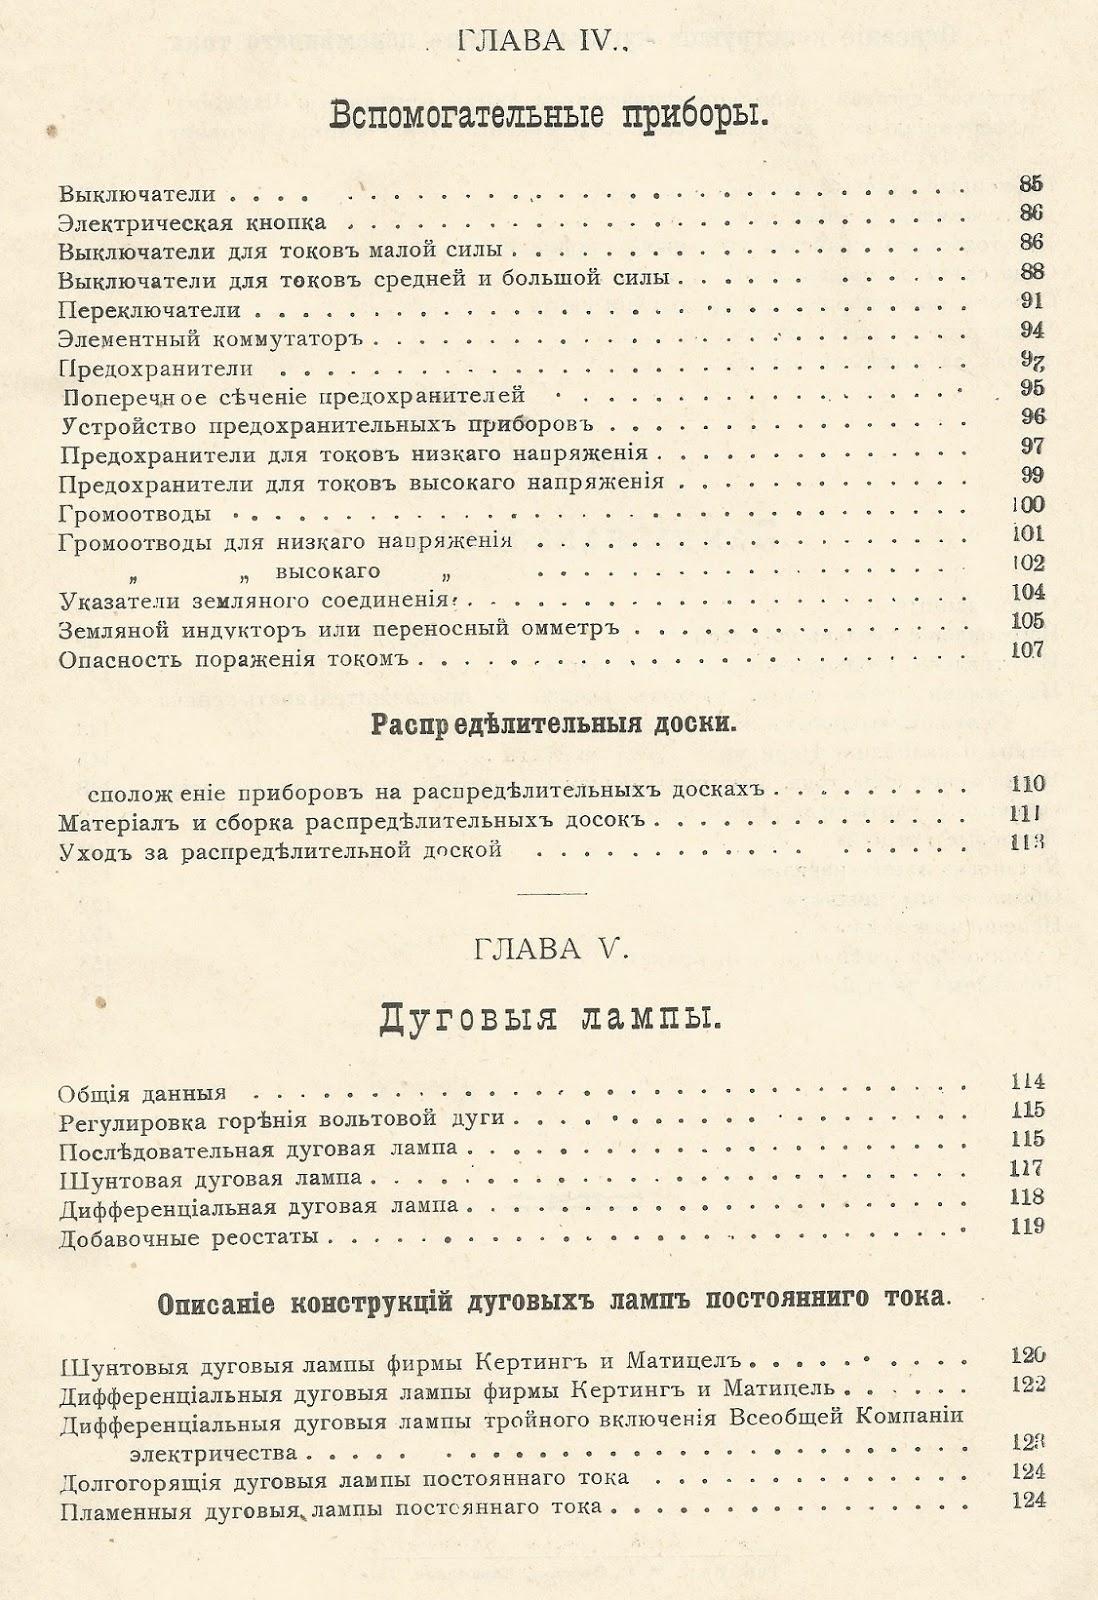 Электрификация в Российской империи. Дореволюционный учебник для электротехников.